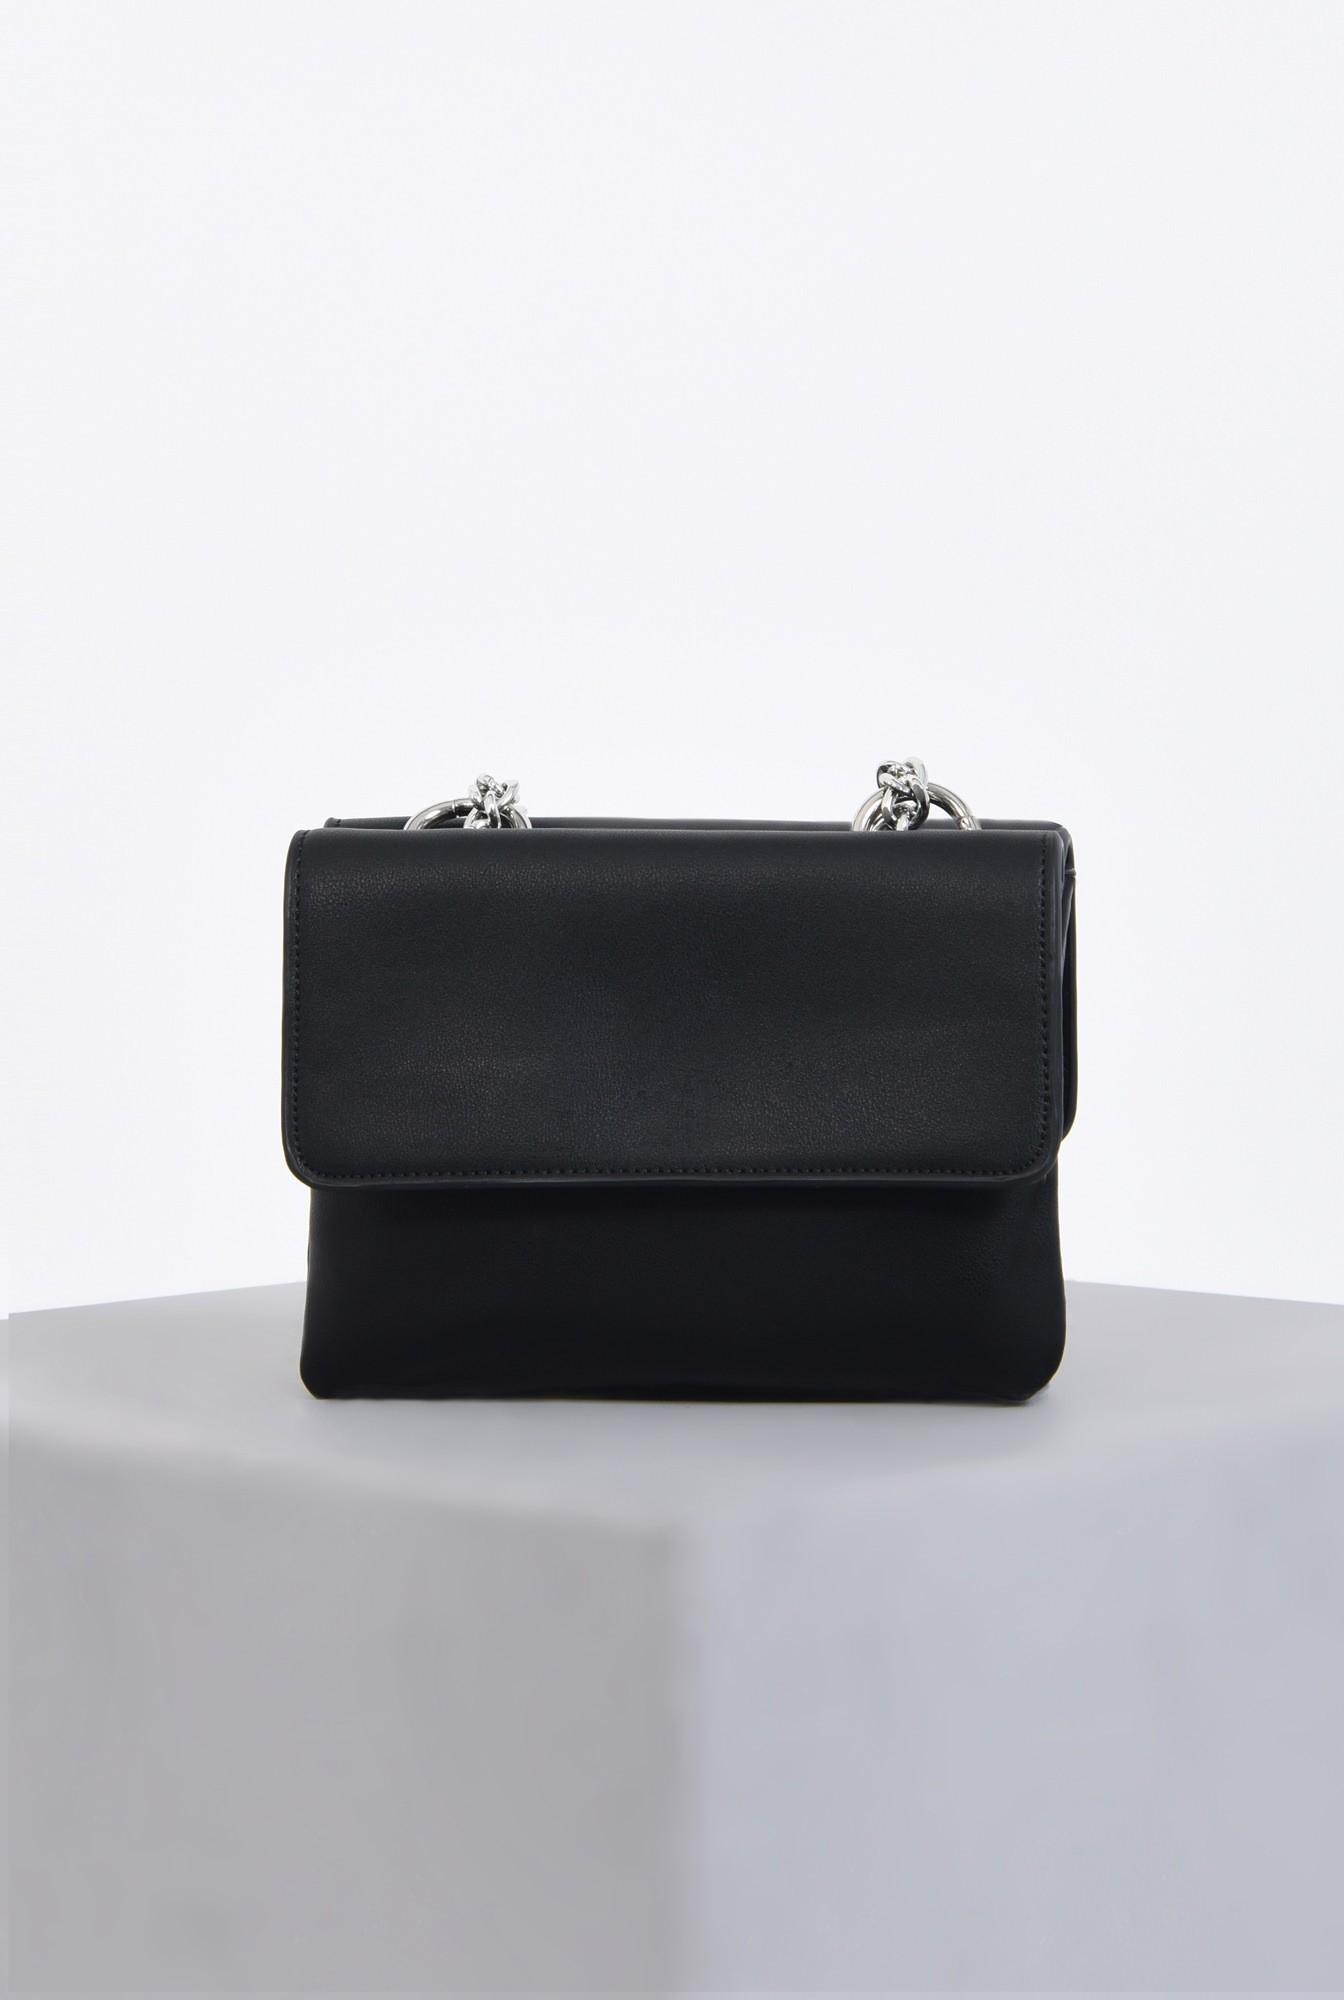 2 - geanta casual, accesorii, negru